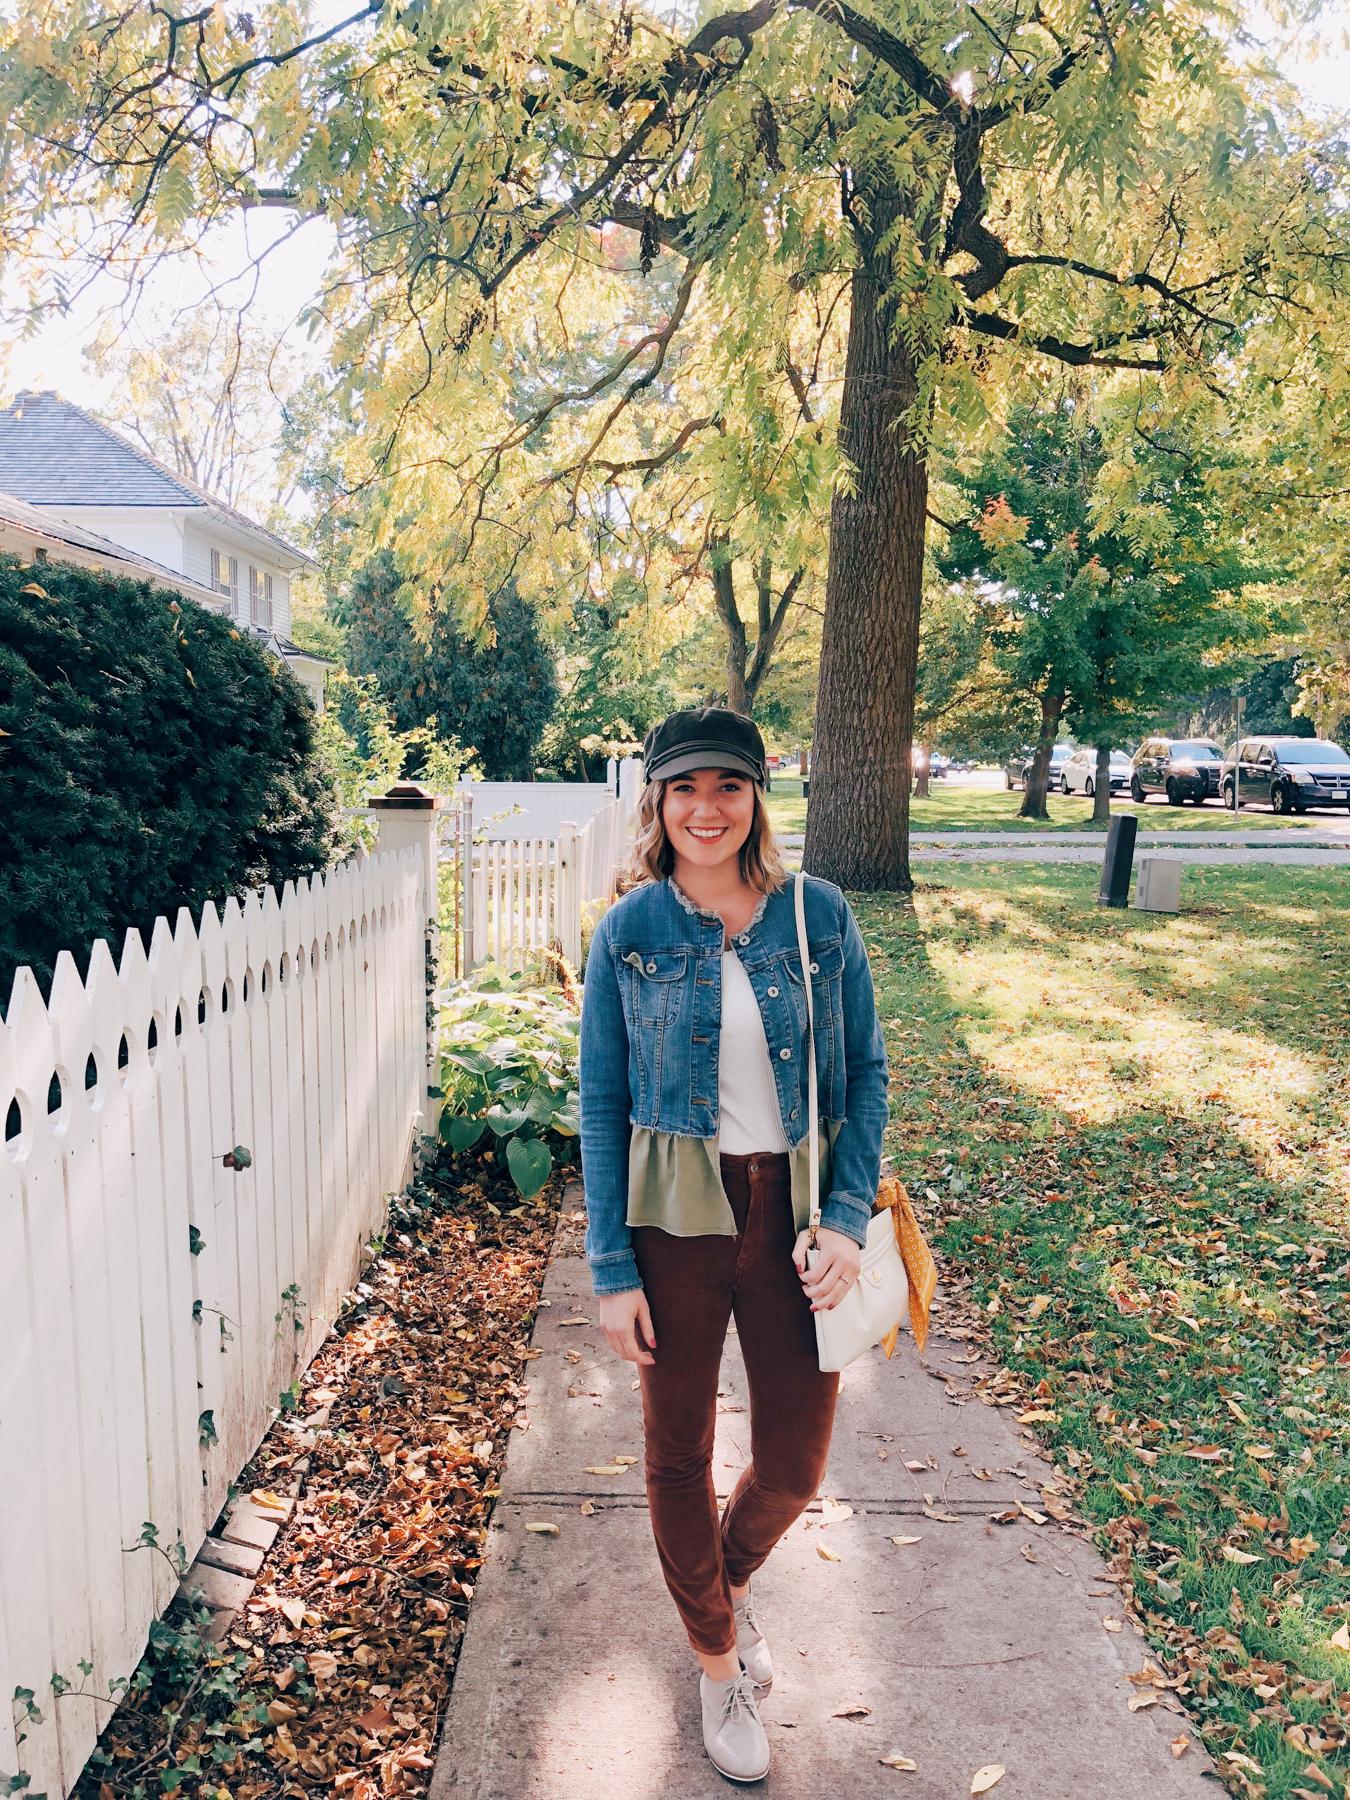 Walking around the NOTL neighborhood